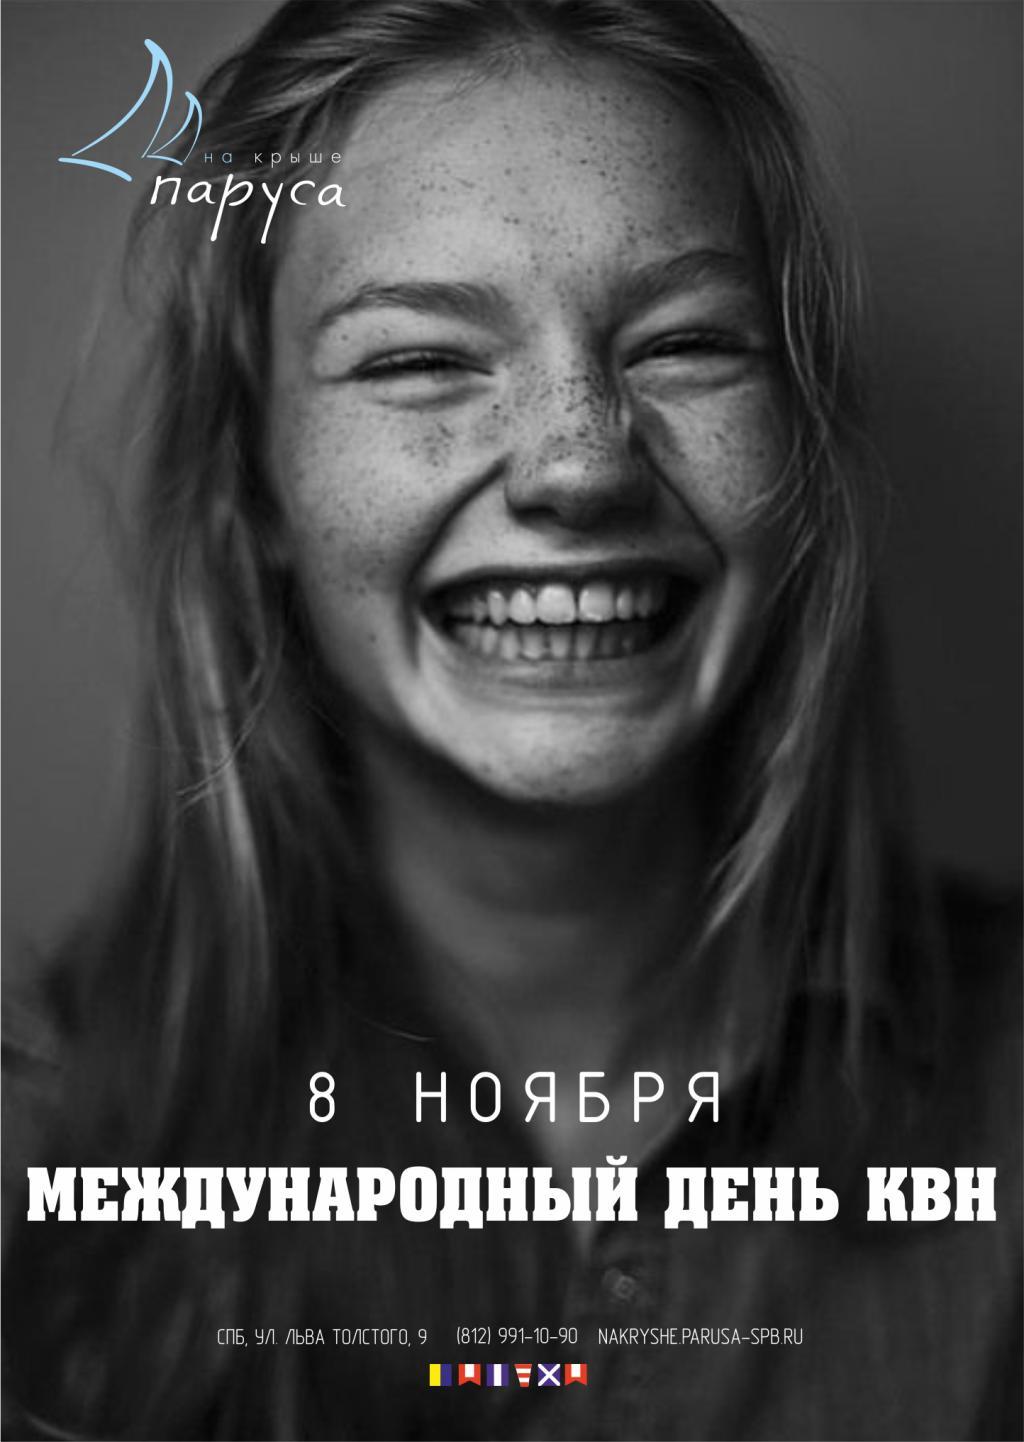 МЕЖДУНАРОДНЫЙ ДЕНЬ КВН (Масляков PARTY)